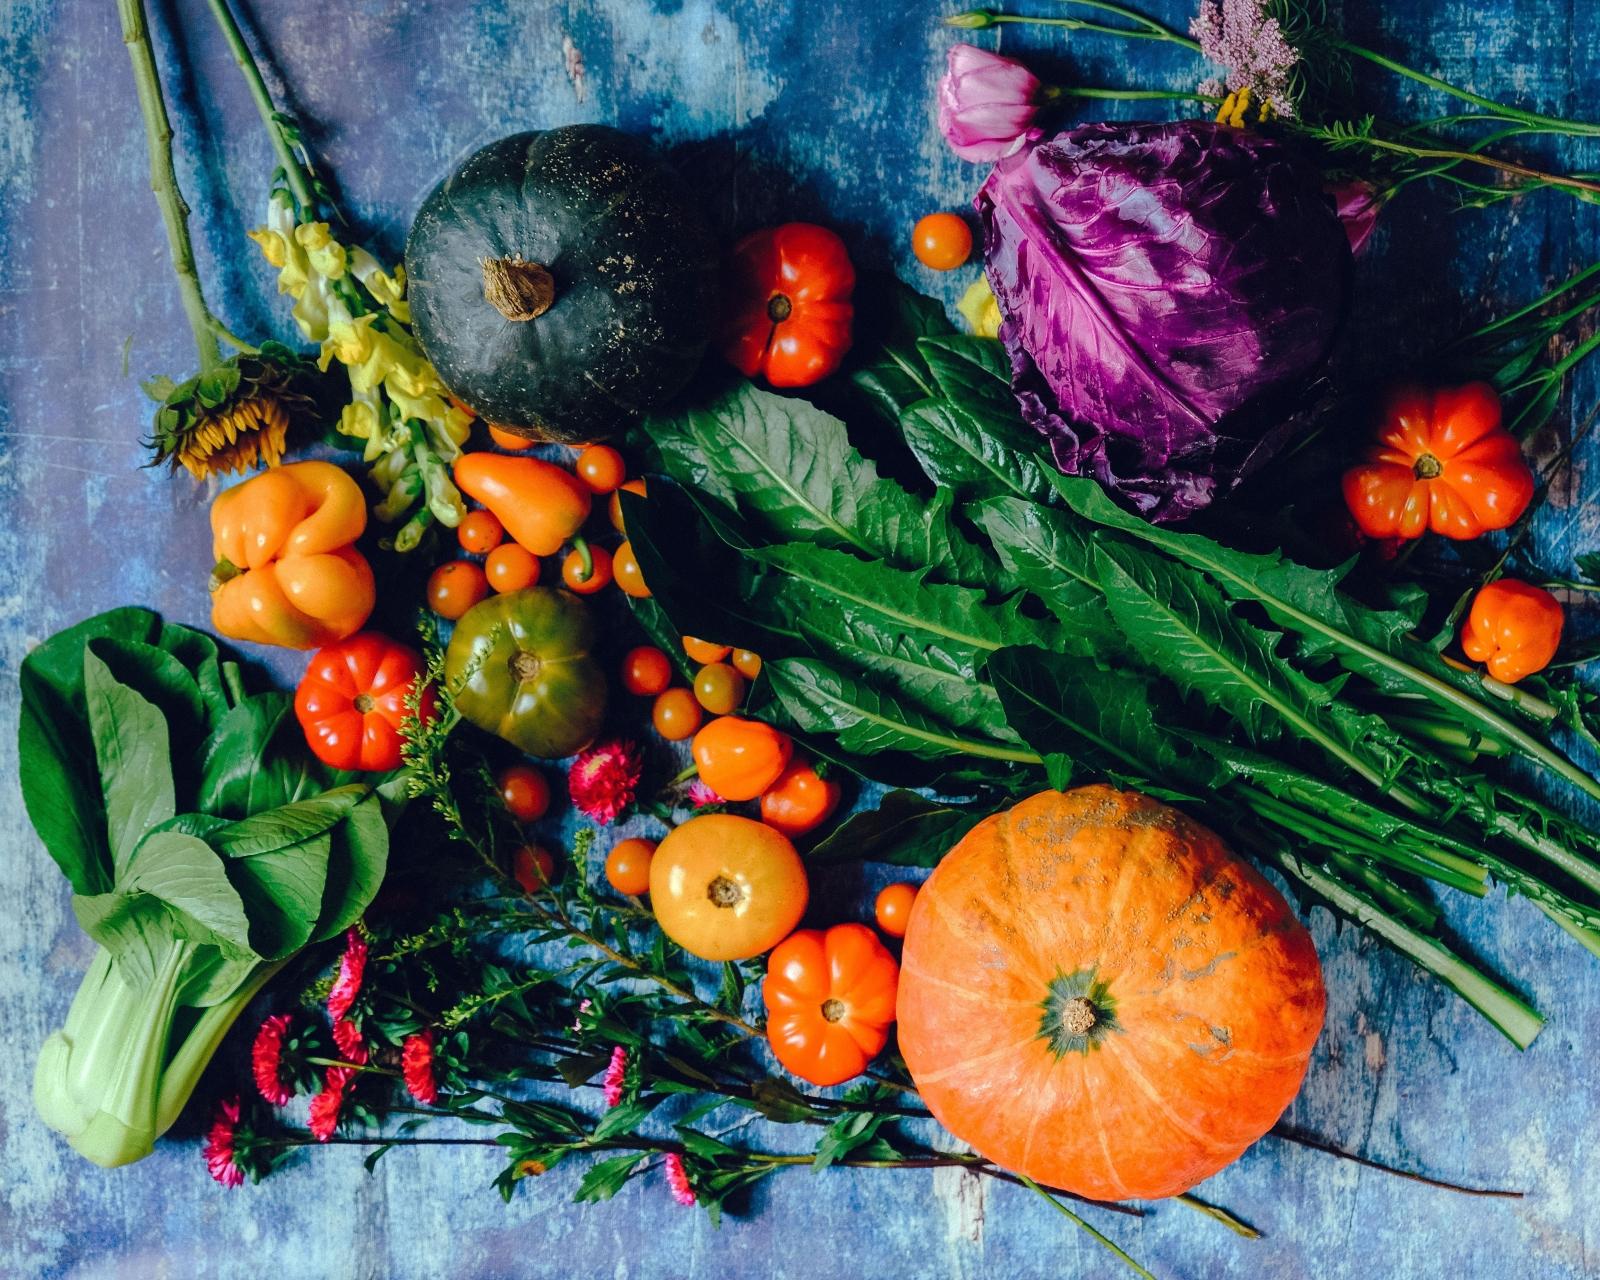 Наблягайте на сезонните продукти Похапването на сурови плодове и зеленчуци може да освежи менюто ви, но може да ви причини и дискомфорт заради пестицидите и останалите вредни вещества, които ще откриете в повечето несезонни плодове, предлагащи се на пазара през есенно-зимния период. Така че заложете най-вече на цвеклото, ряпата, ябълките, дюлите, киселото зеле, туршиите, сушените плодове.